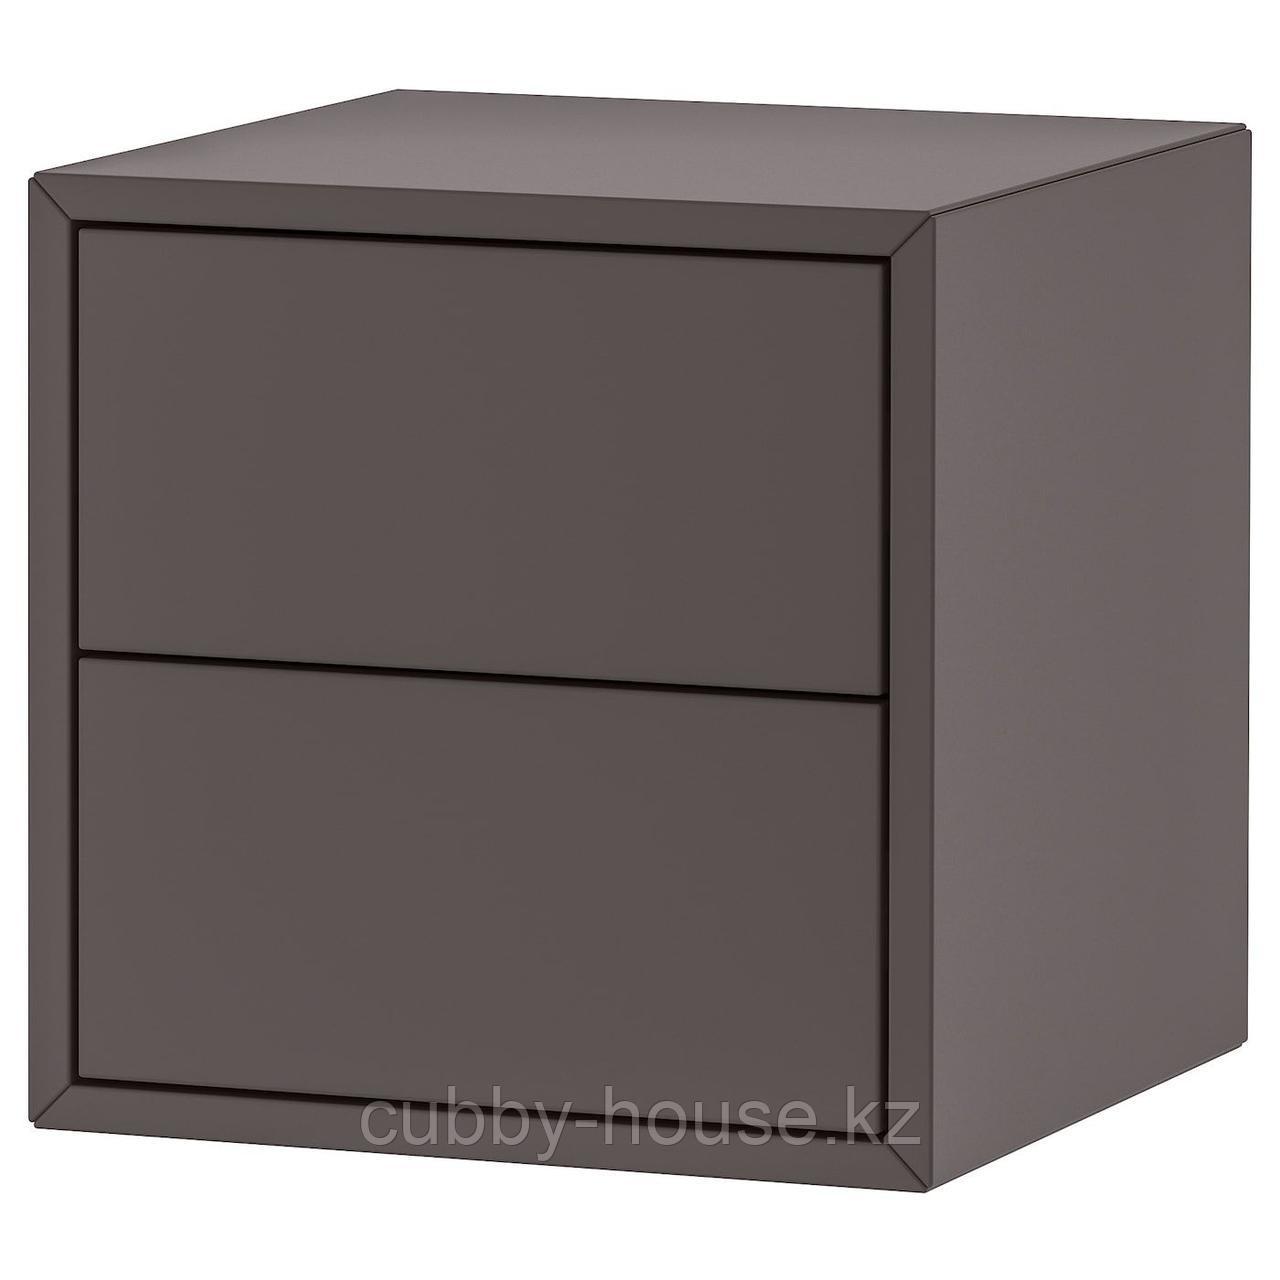 ЭКЕТ Навесной шкаф с 2 ящиками, белый, 35x35x35 см